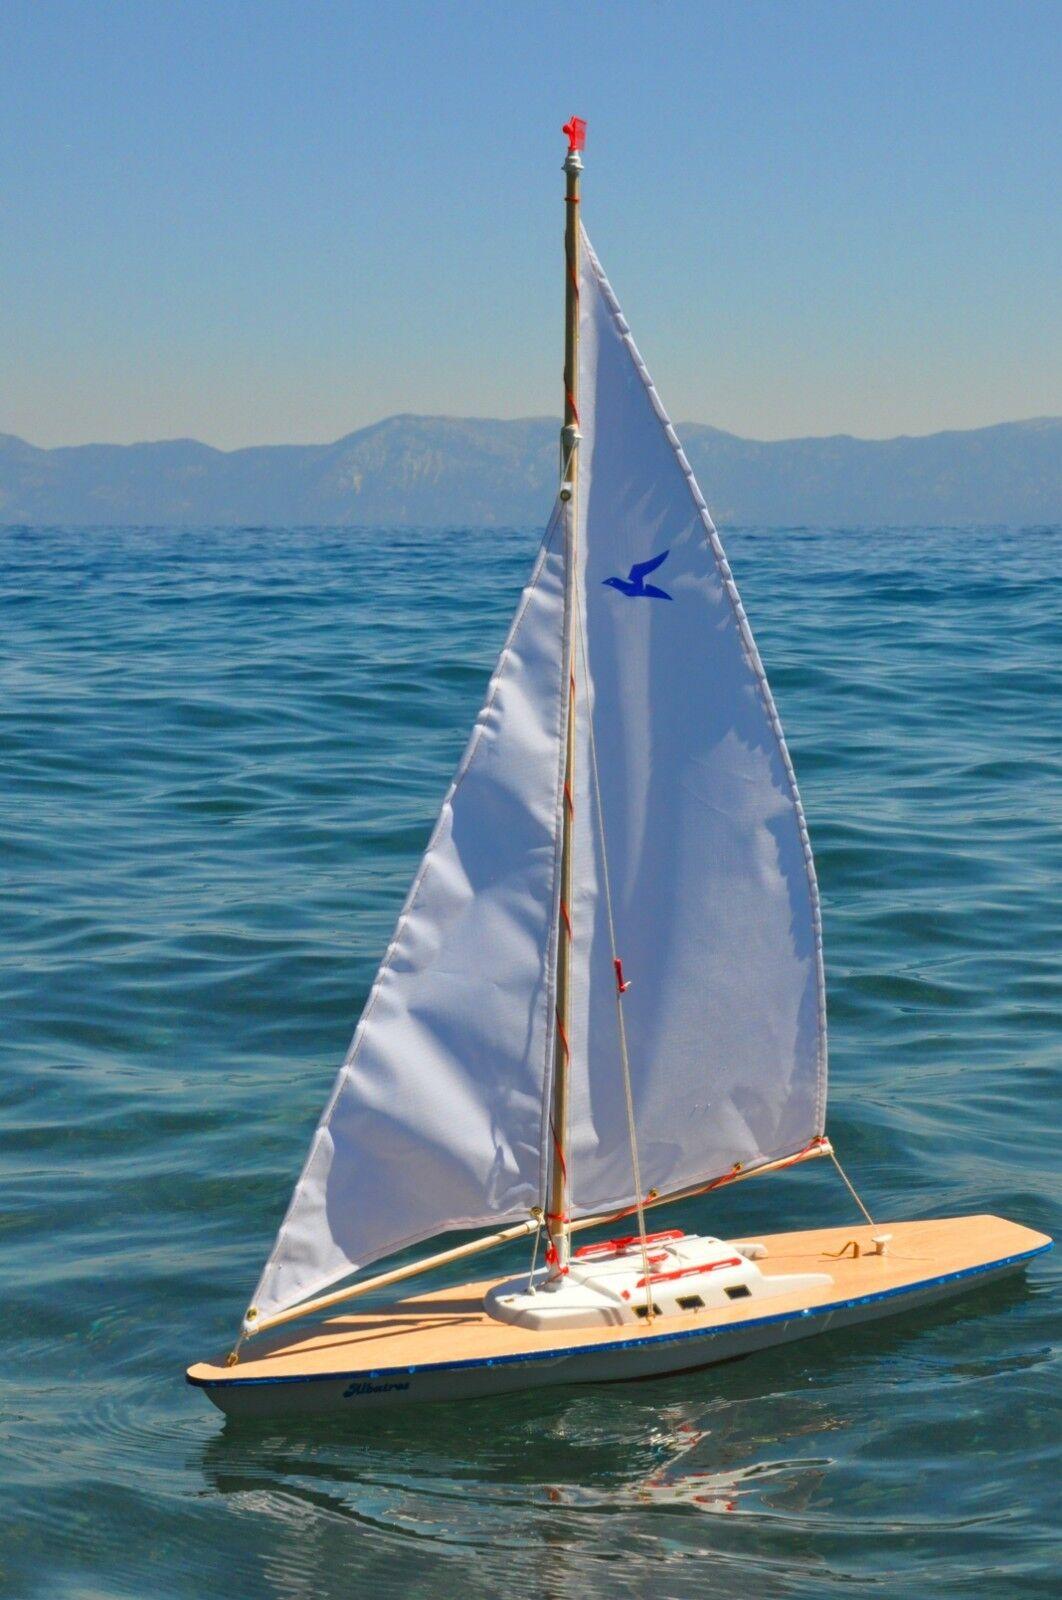 sport caldi Nuovo Gunther Albatros Albatros Albatros sailboat- greegest e fastest in the fleet   negozio fa acquisti e vendite